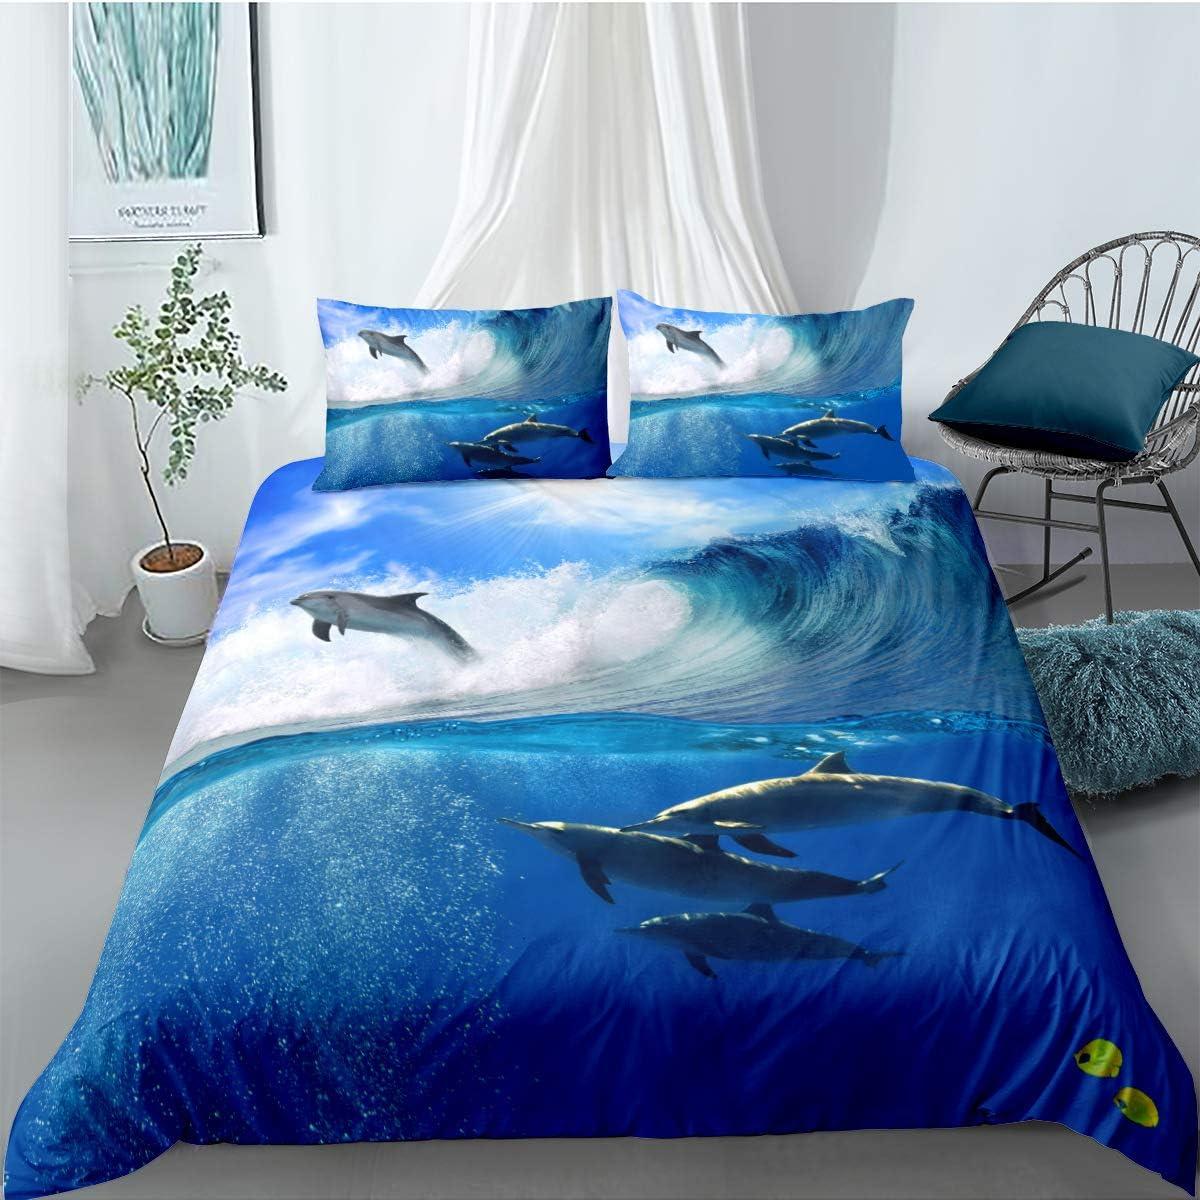 Bettw/äsche f/ür Kinder Cartoon Delfin Schildkr/öte Multicolor Ozean Welt Super Weiche Atmungsaktive Eleganter Stil Mikrofaser Bettbezug und Kopfkissenbez/üge Delphin 01, 135 x 200 cm